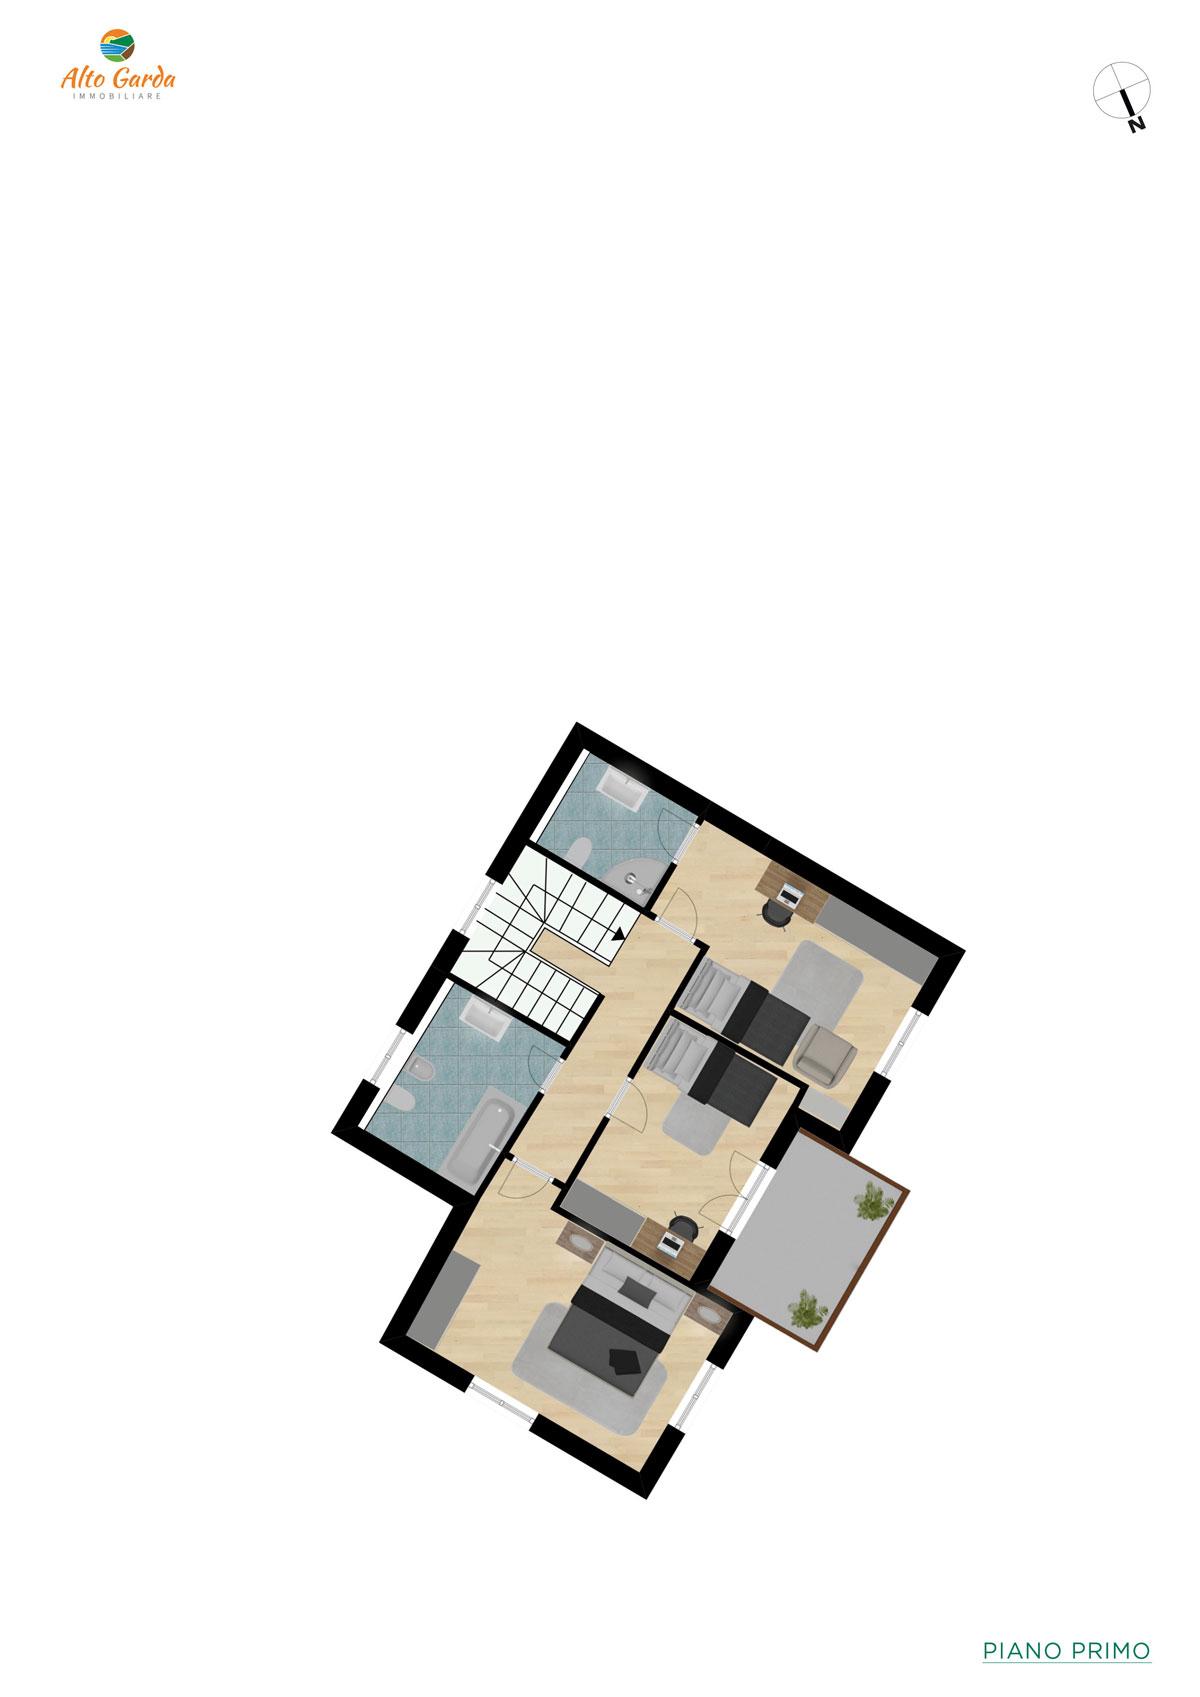 Piano Primo-Alto Garda Immobiliare